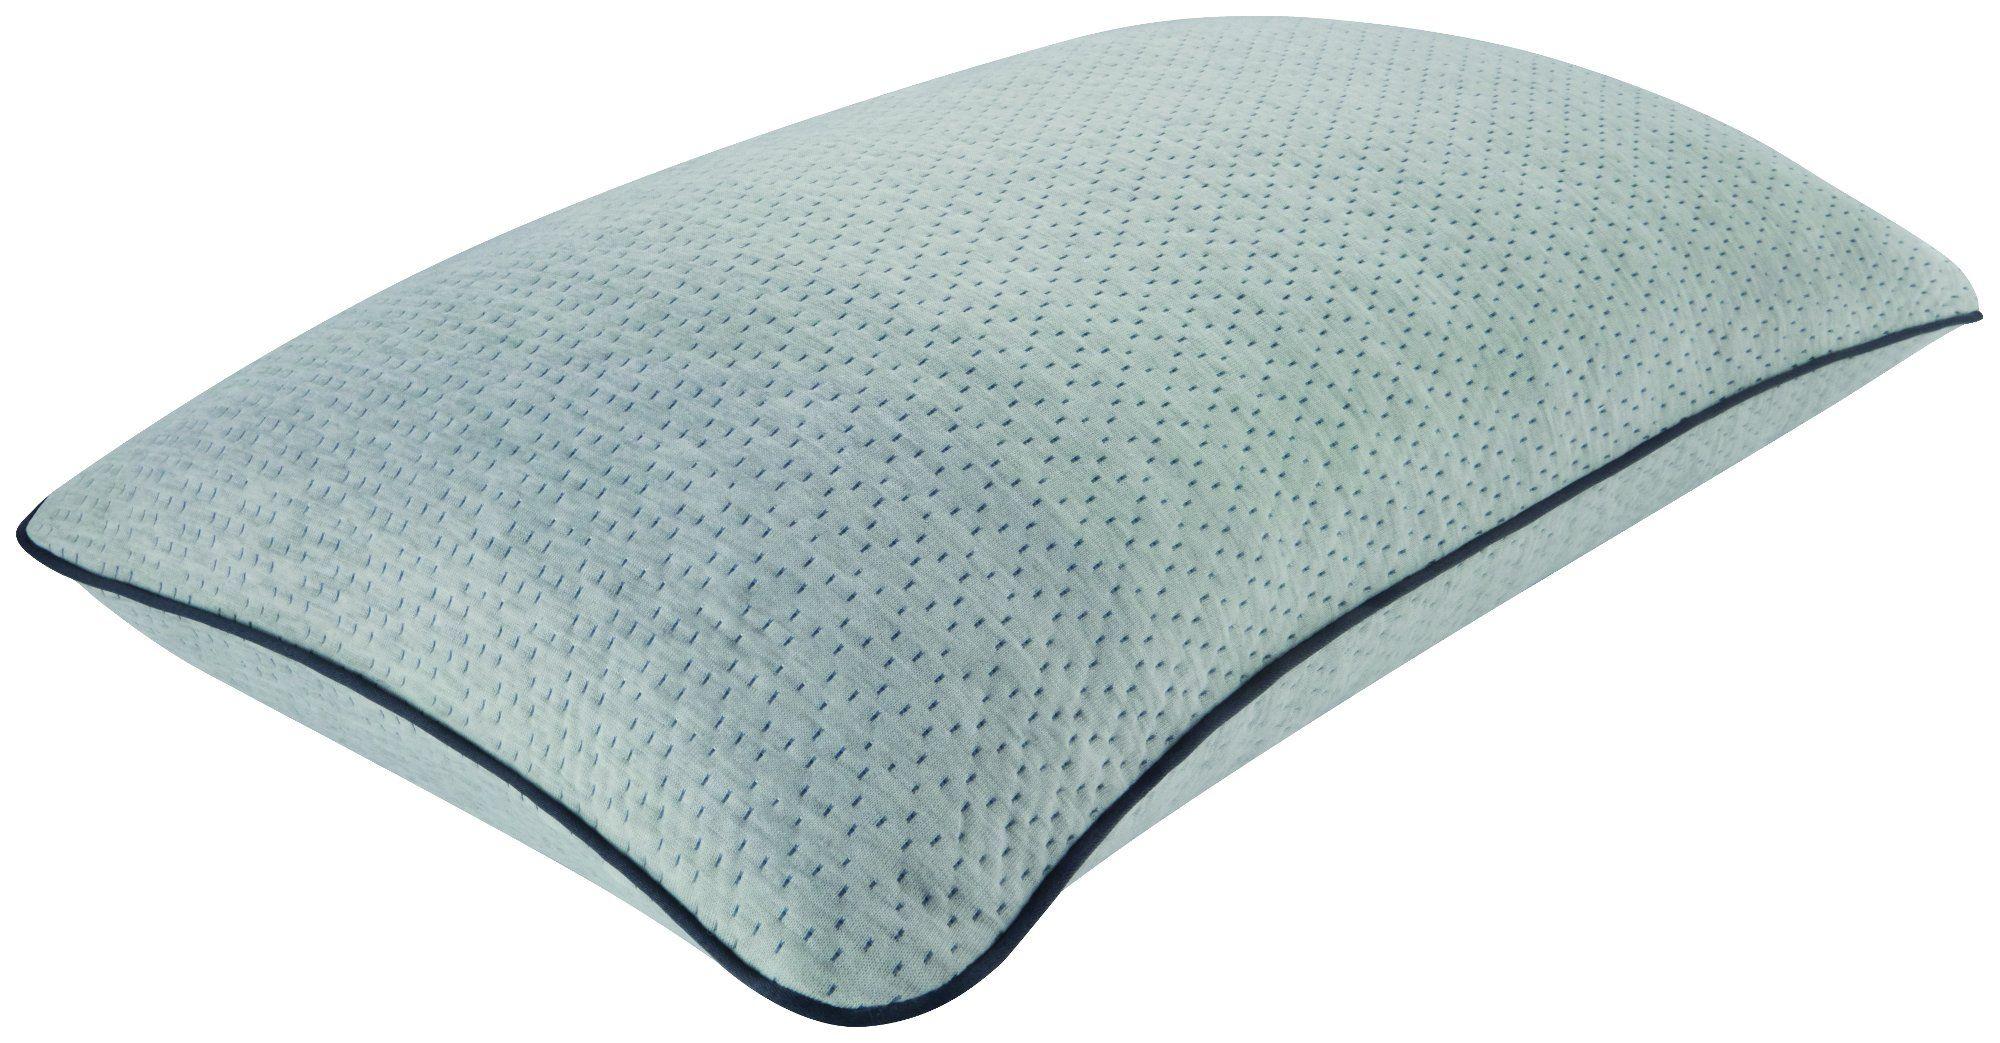 Beautyrest Absolute Rest Memory Foam Pillow Pillows Foam